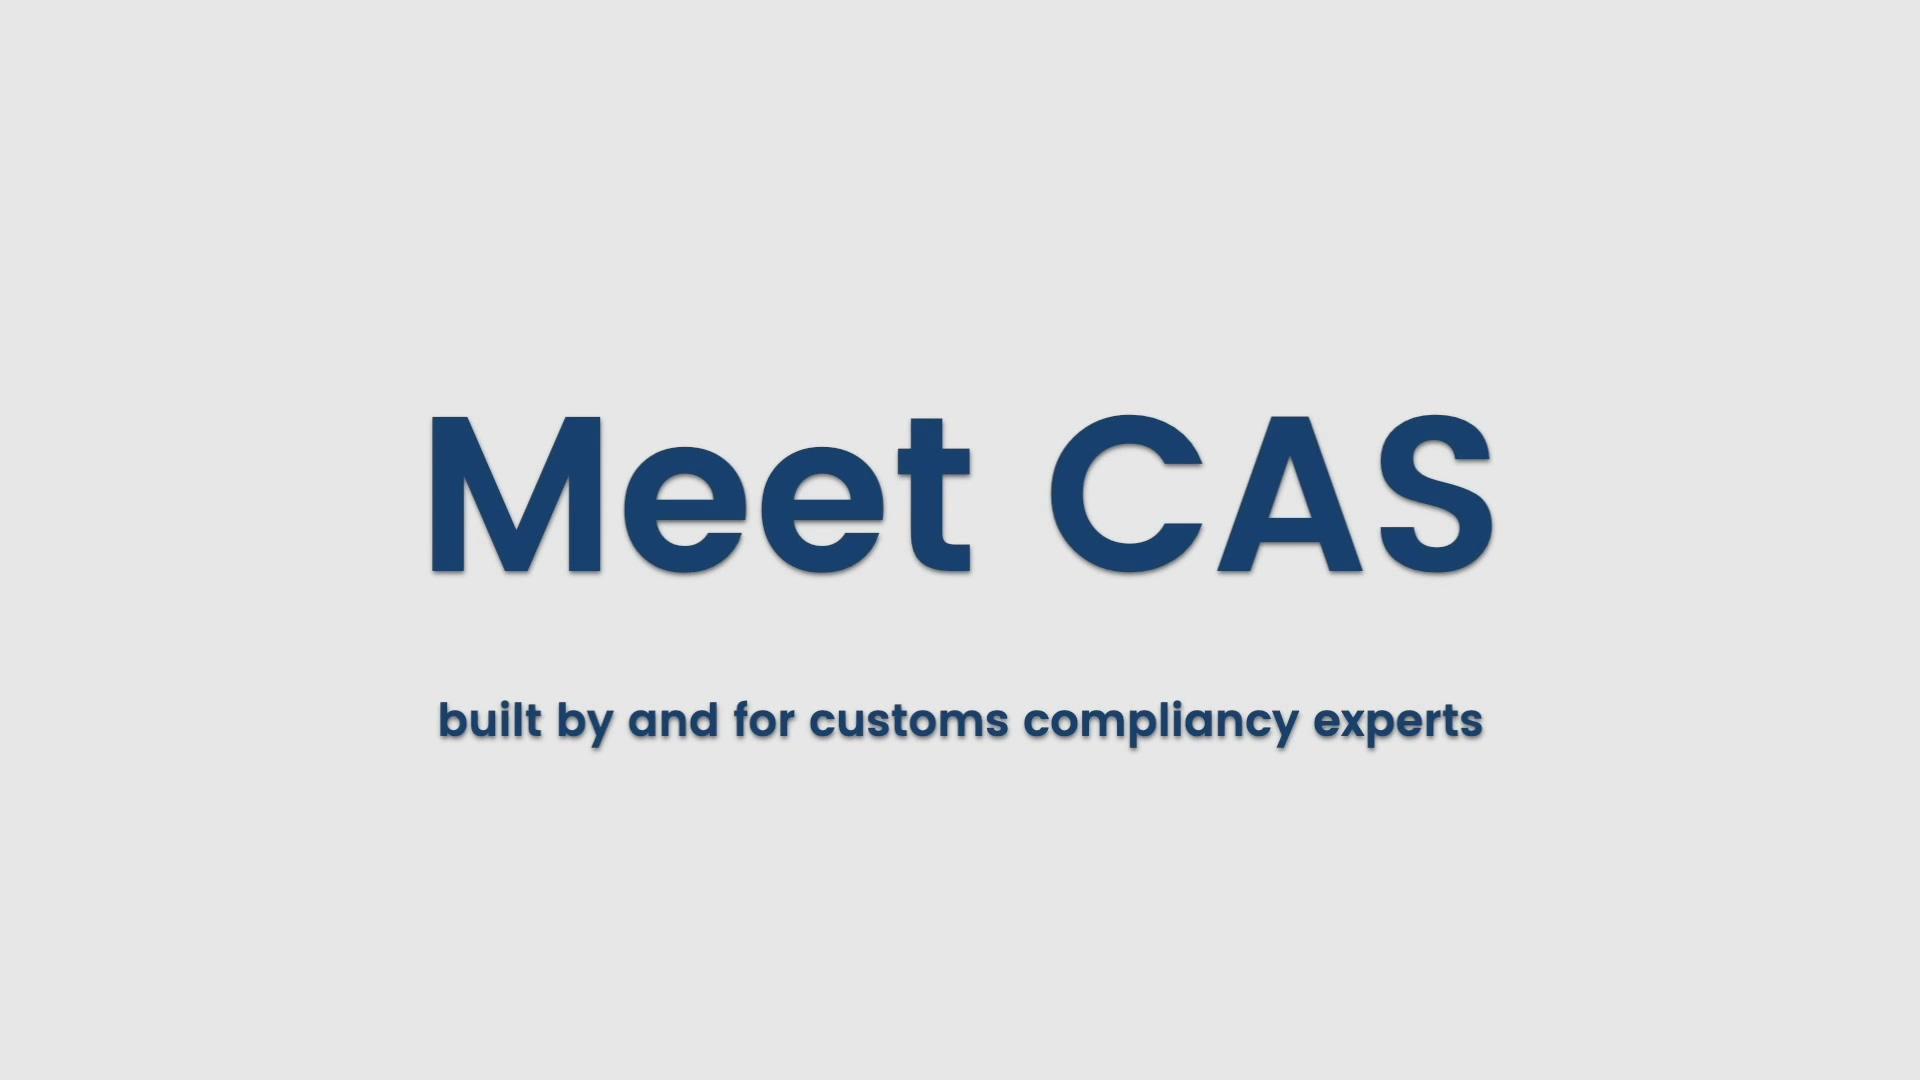 C4T-CAS - HD 1080p - UPDATED